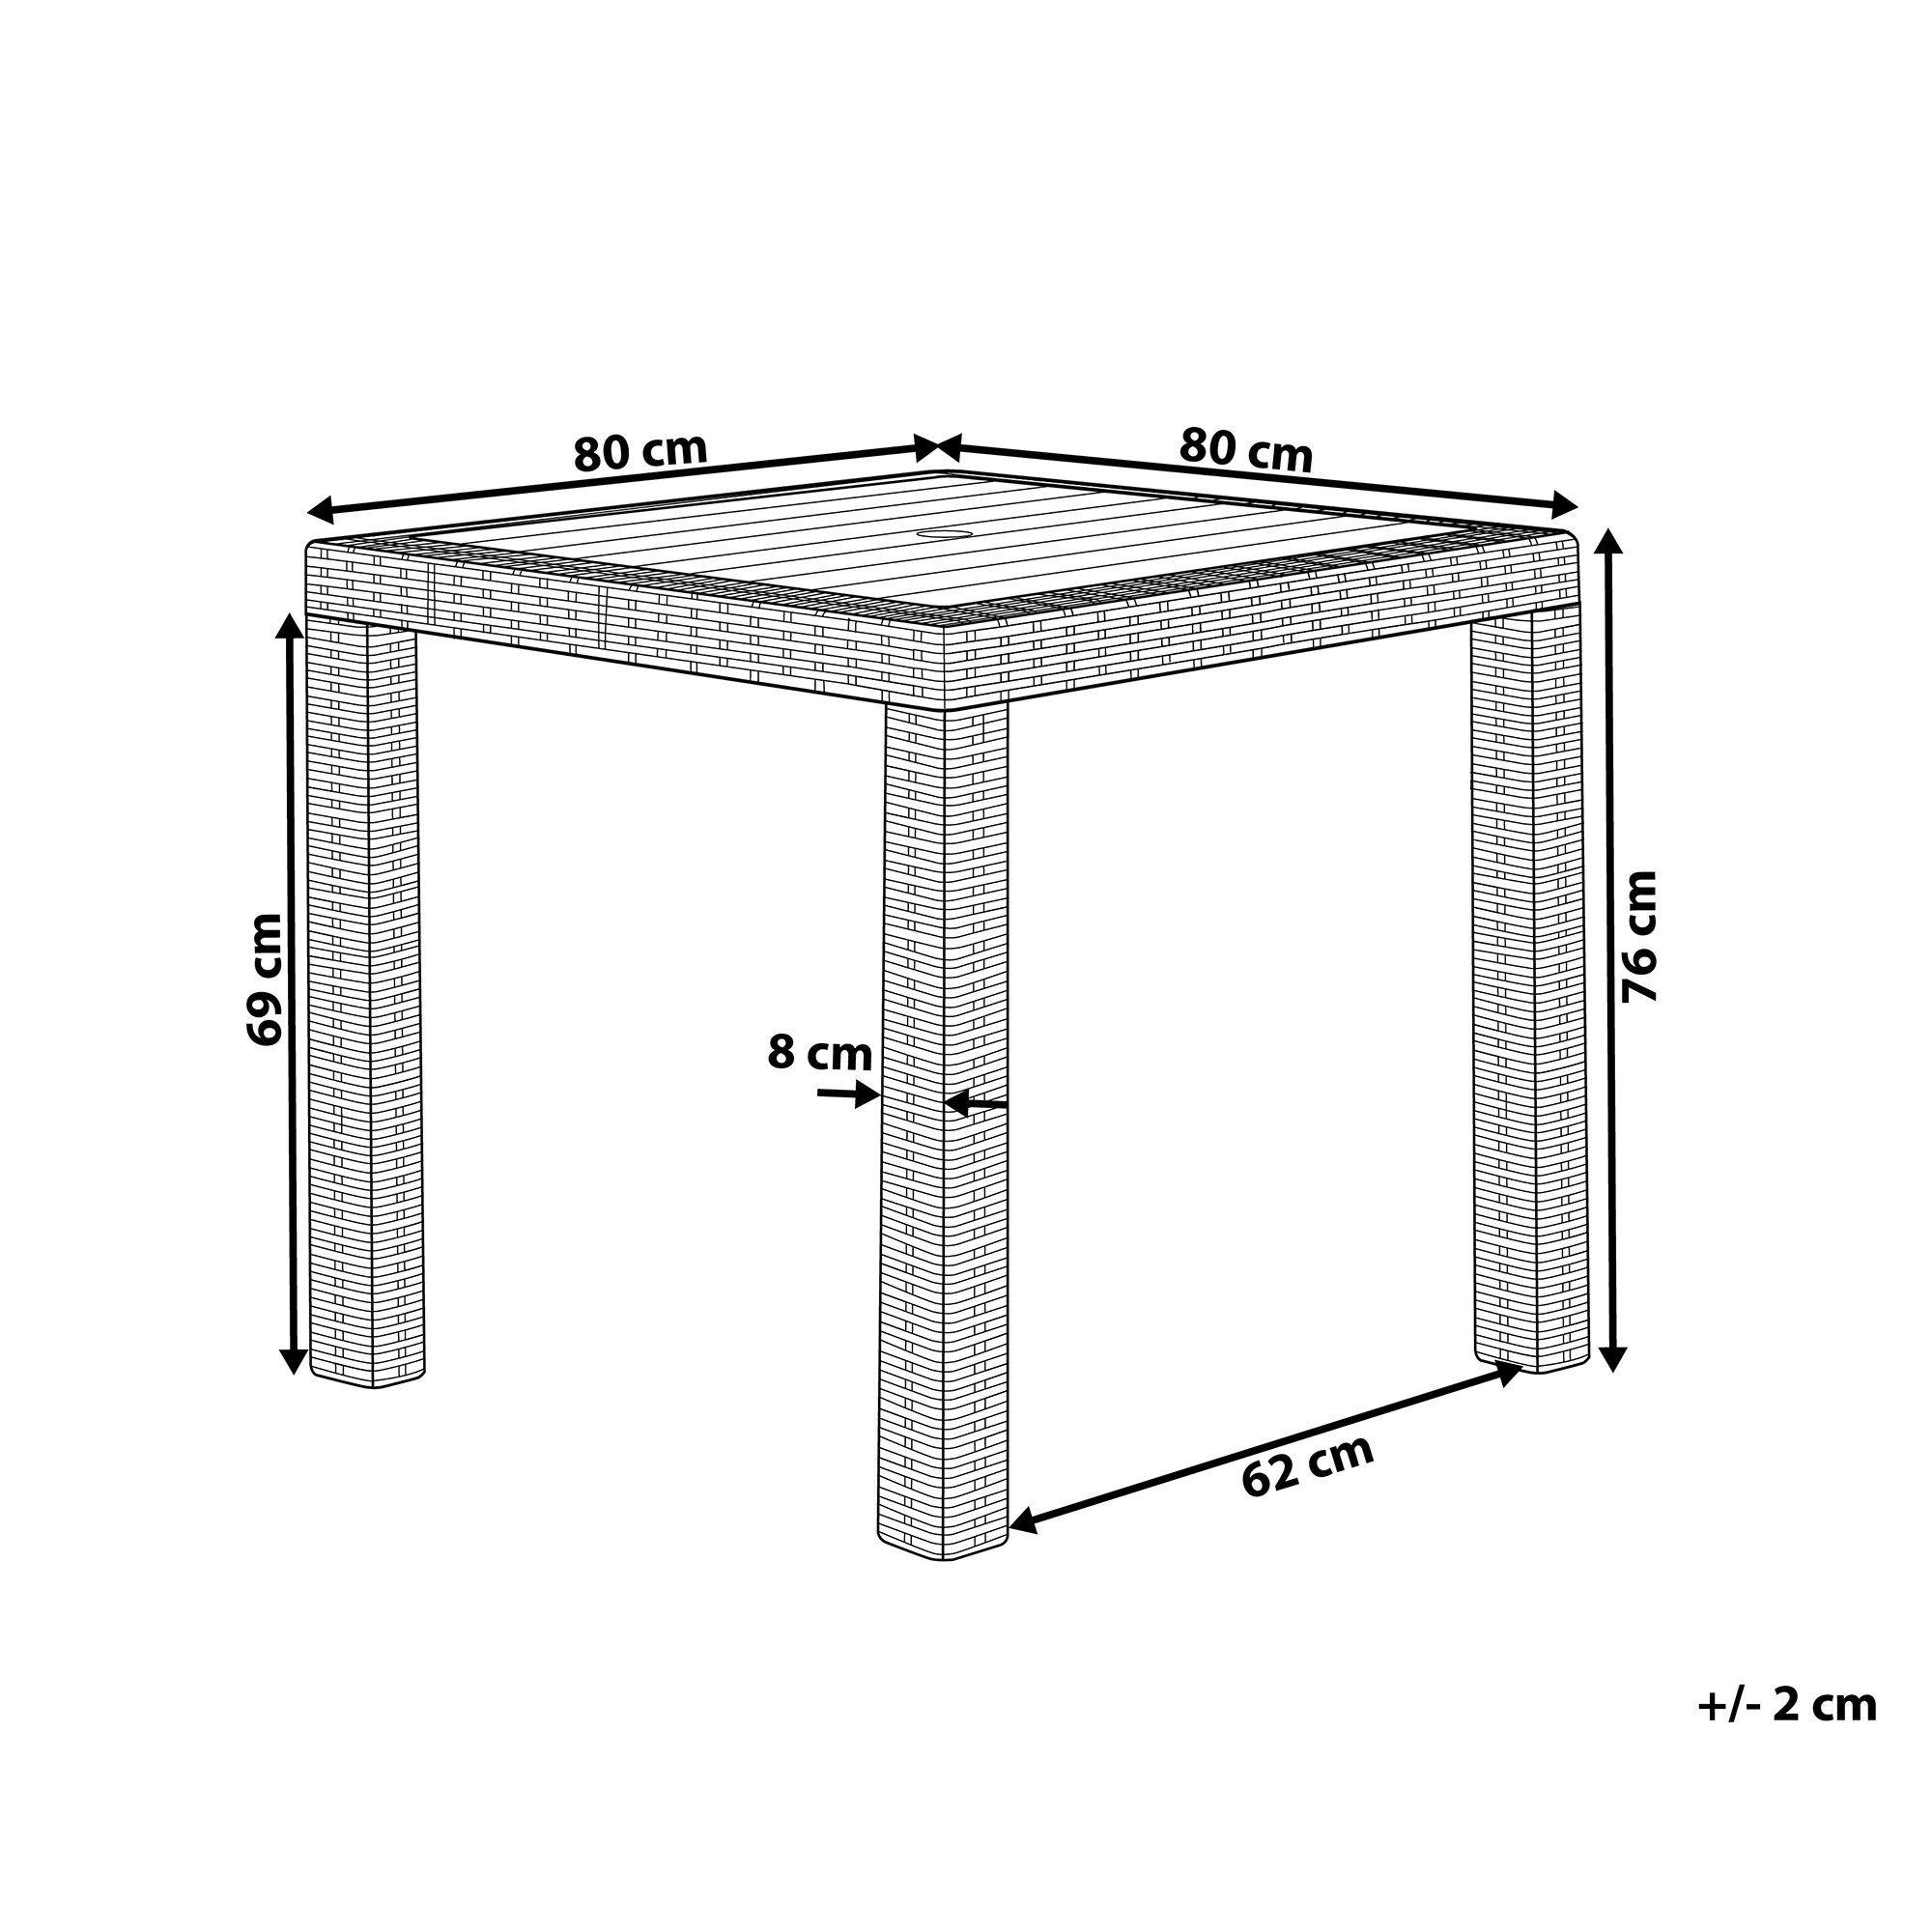 Gartentisch Rattanoptik Graphitgrau 80 X 80 Cm Fossano In 2020